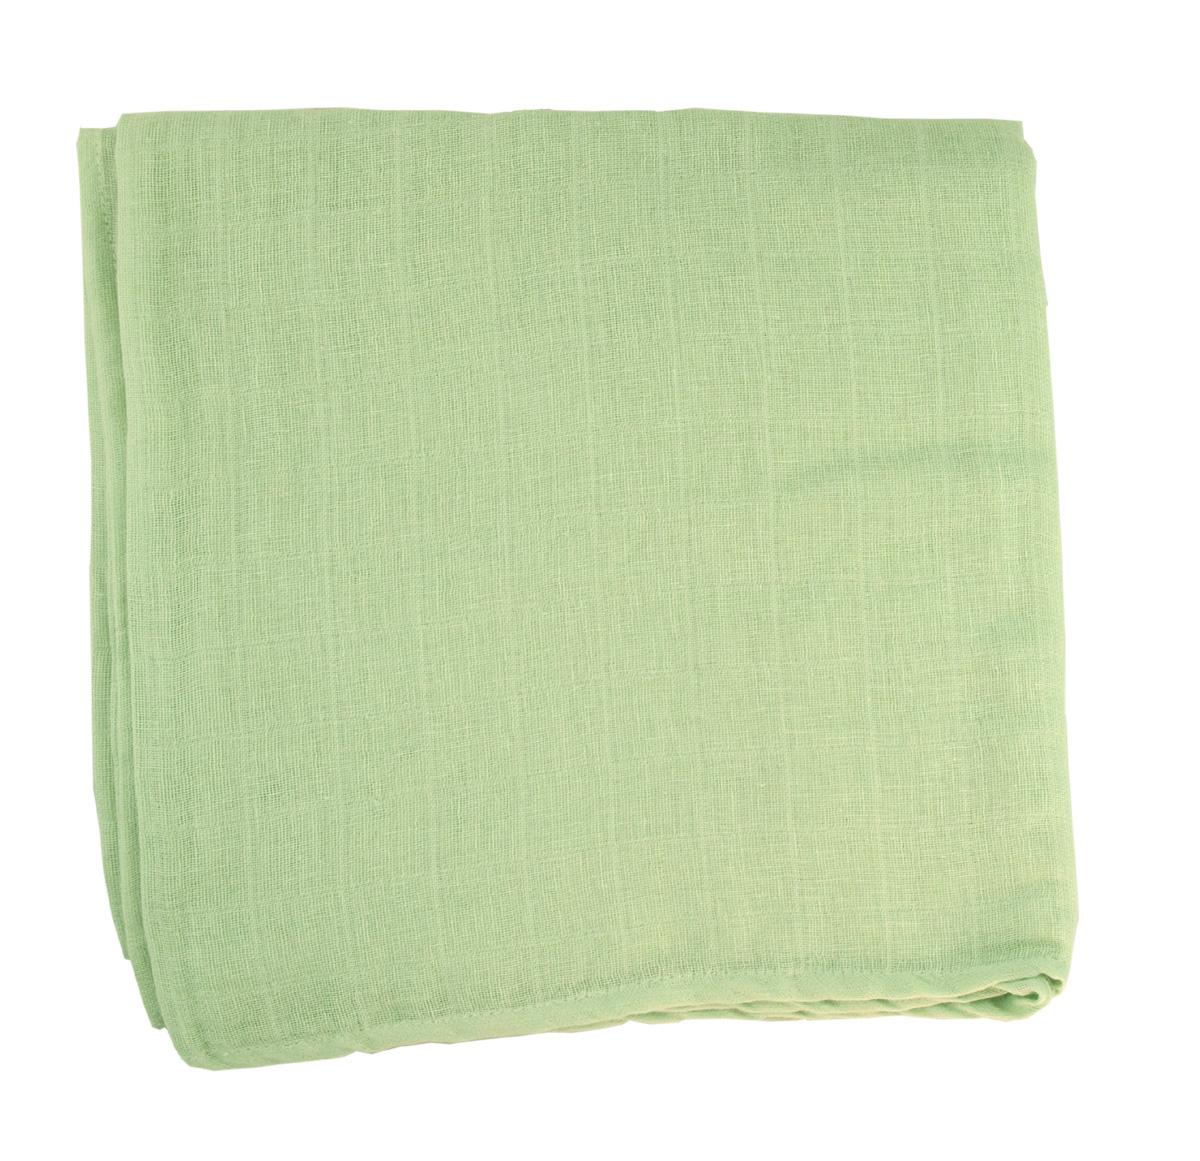 Minimundus muslinfilt 100% ekologisk bomull 120x120 cm lindblomsgrön